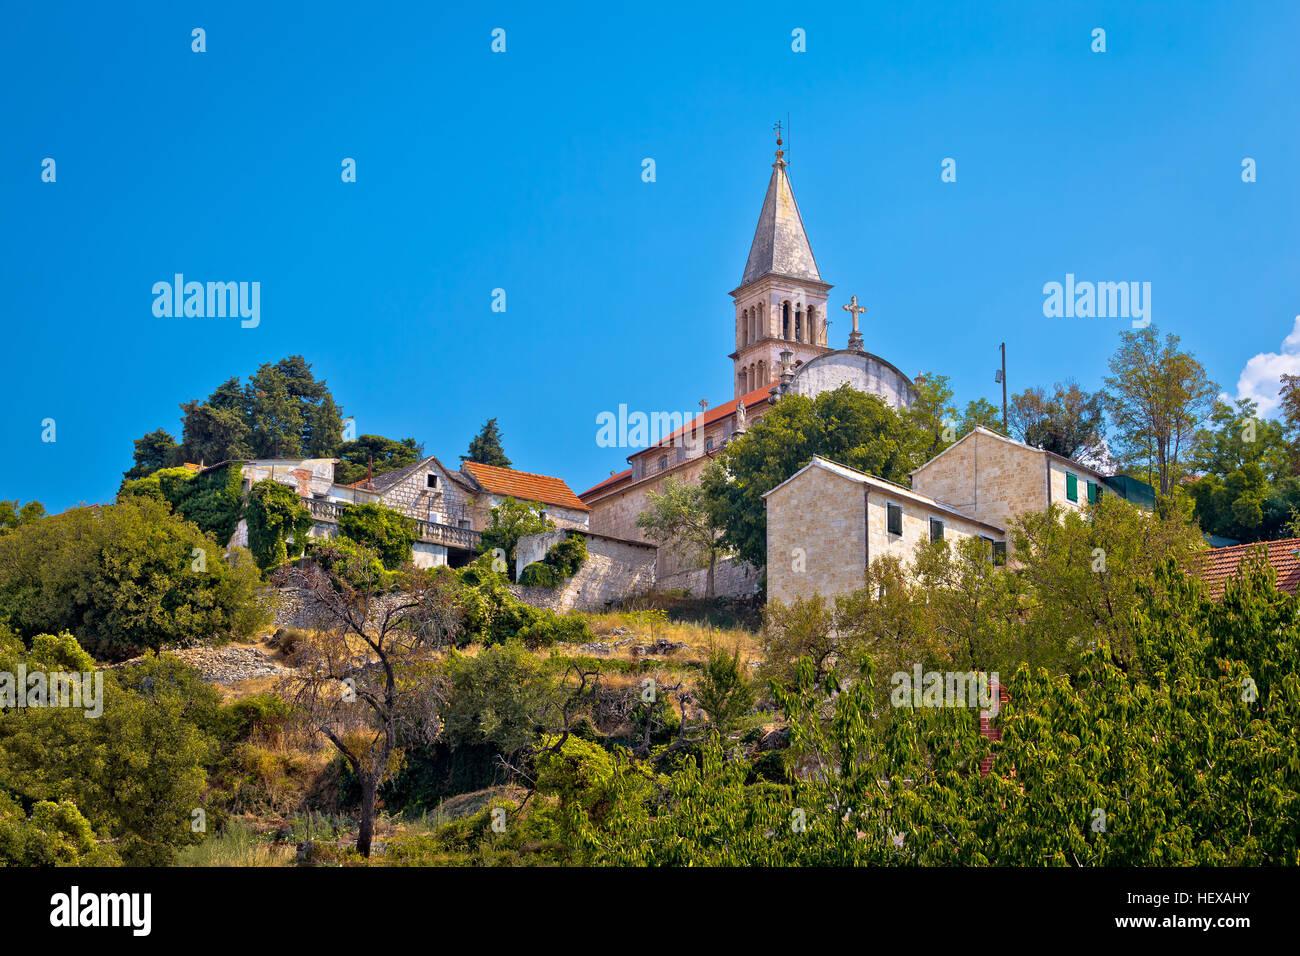 Nerezisca village landmarks on Brac island, Dalmatia, Croatia - Stock Image